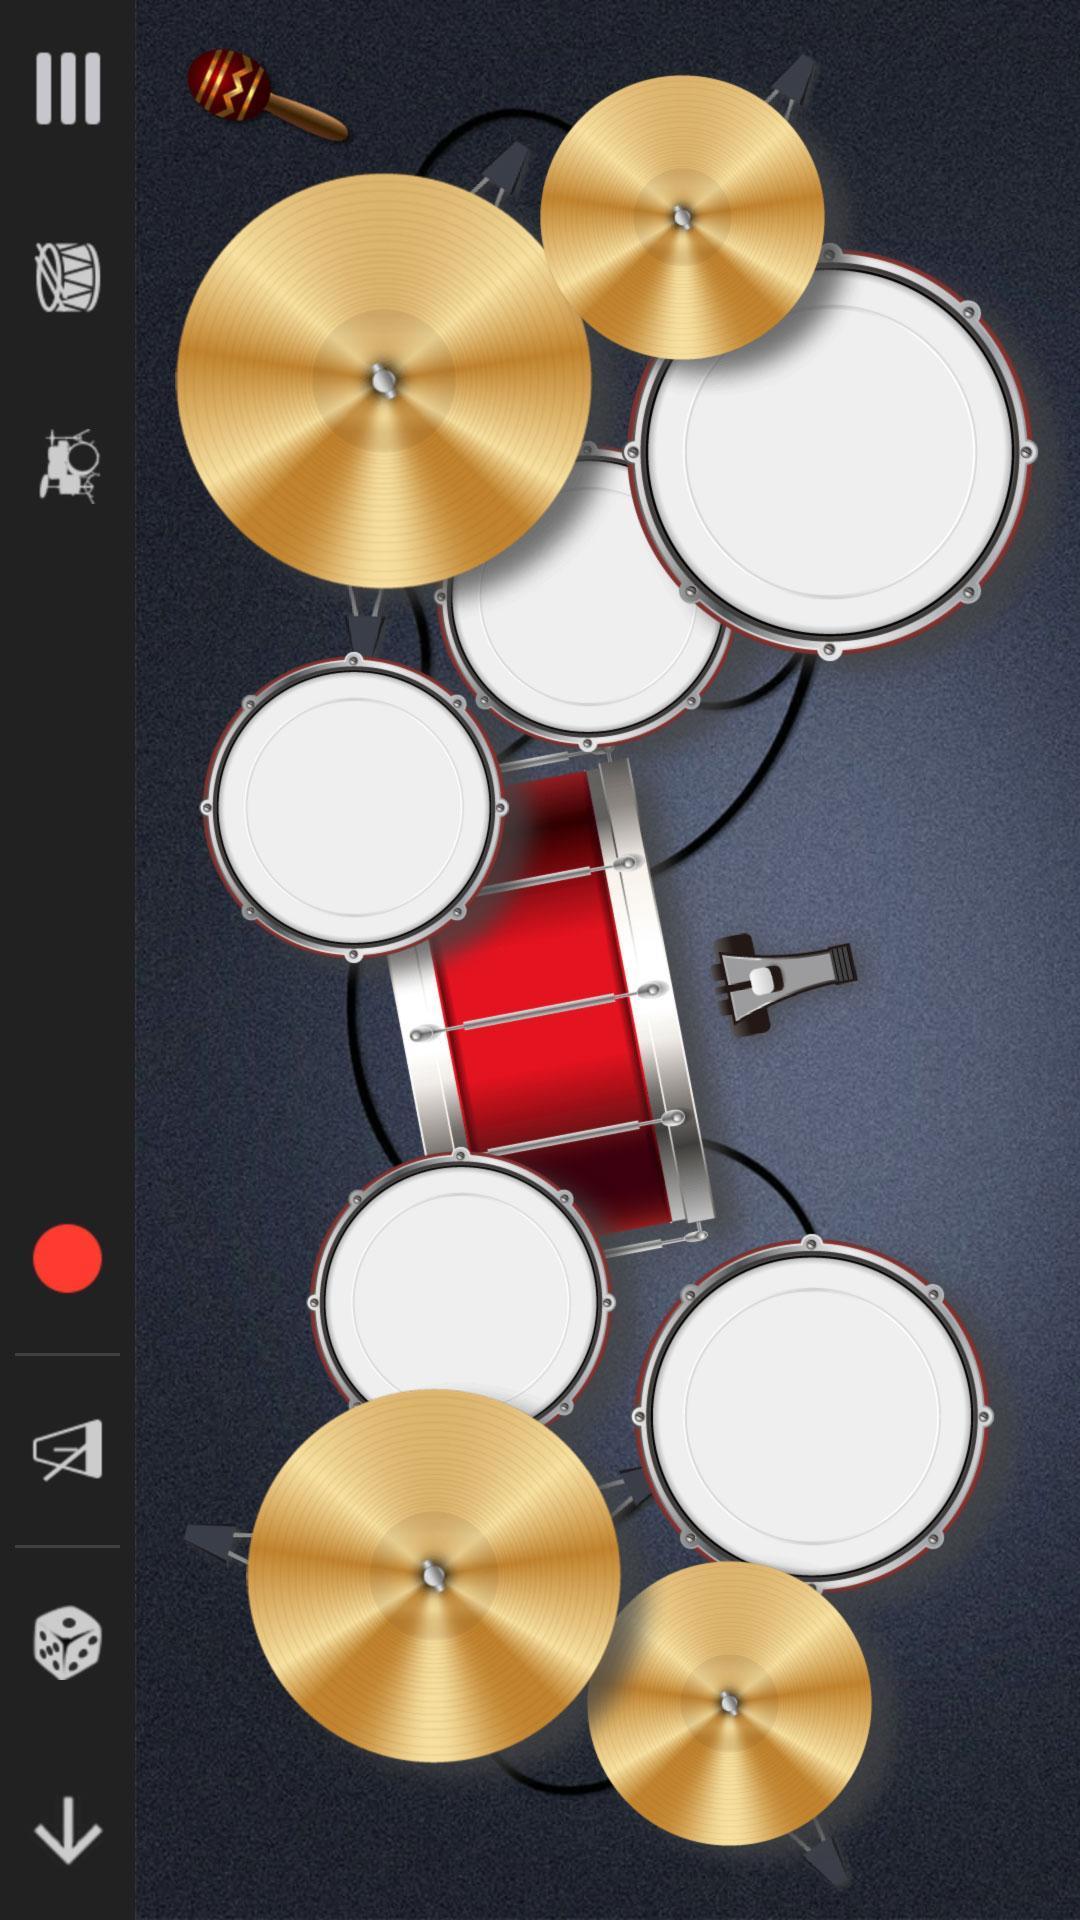 Walk Band Multitracks Music 7.4.1 Screenshot 2